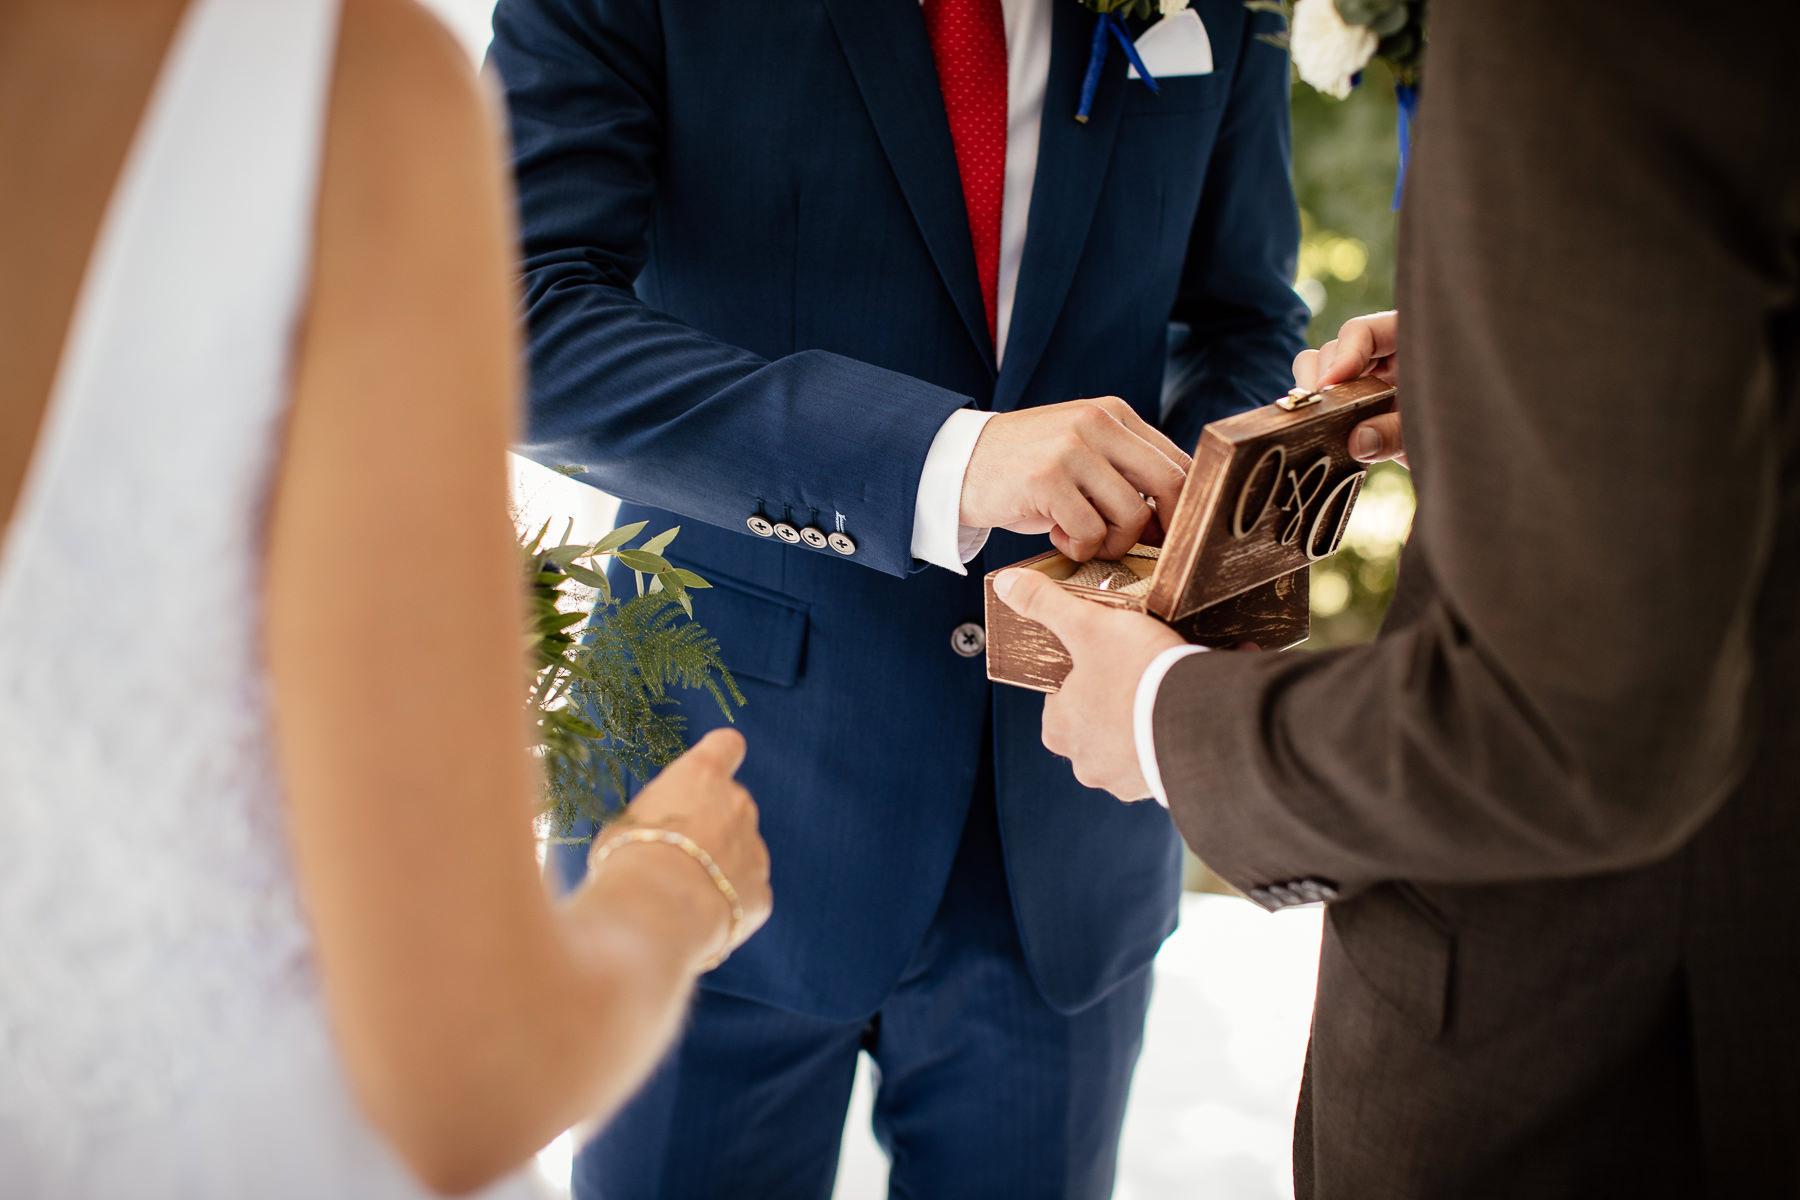 biała wstążka ceremonia ślubu